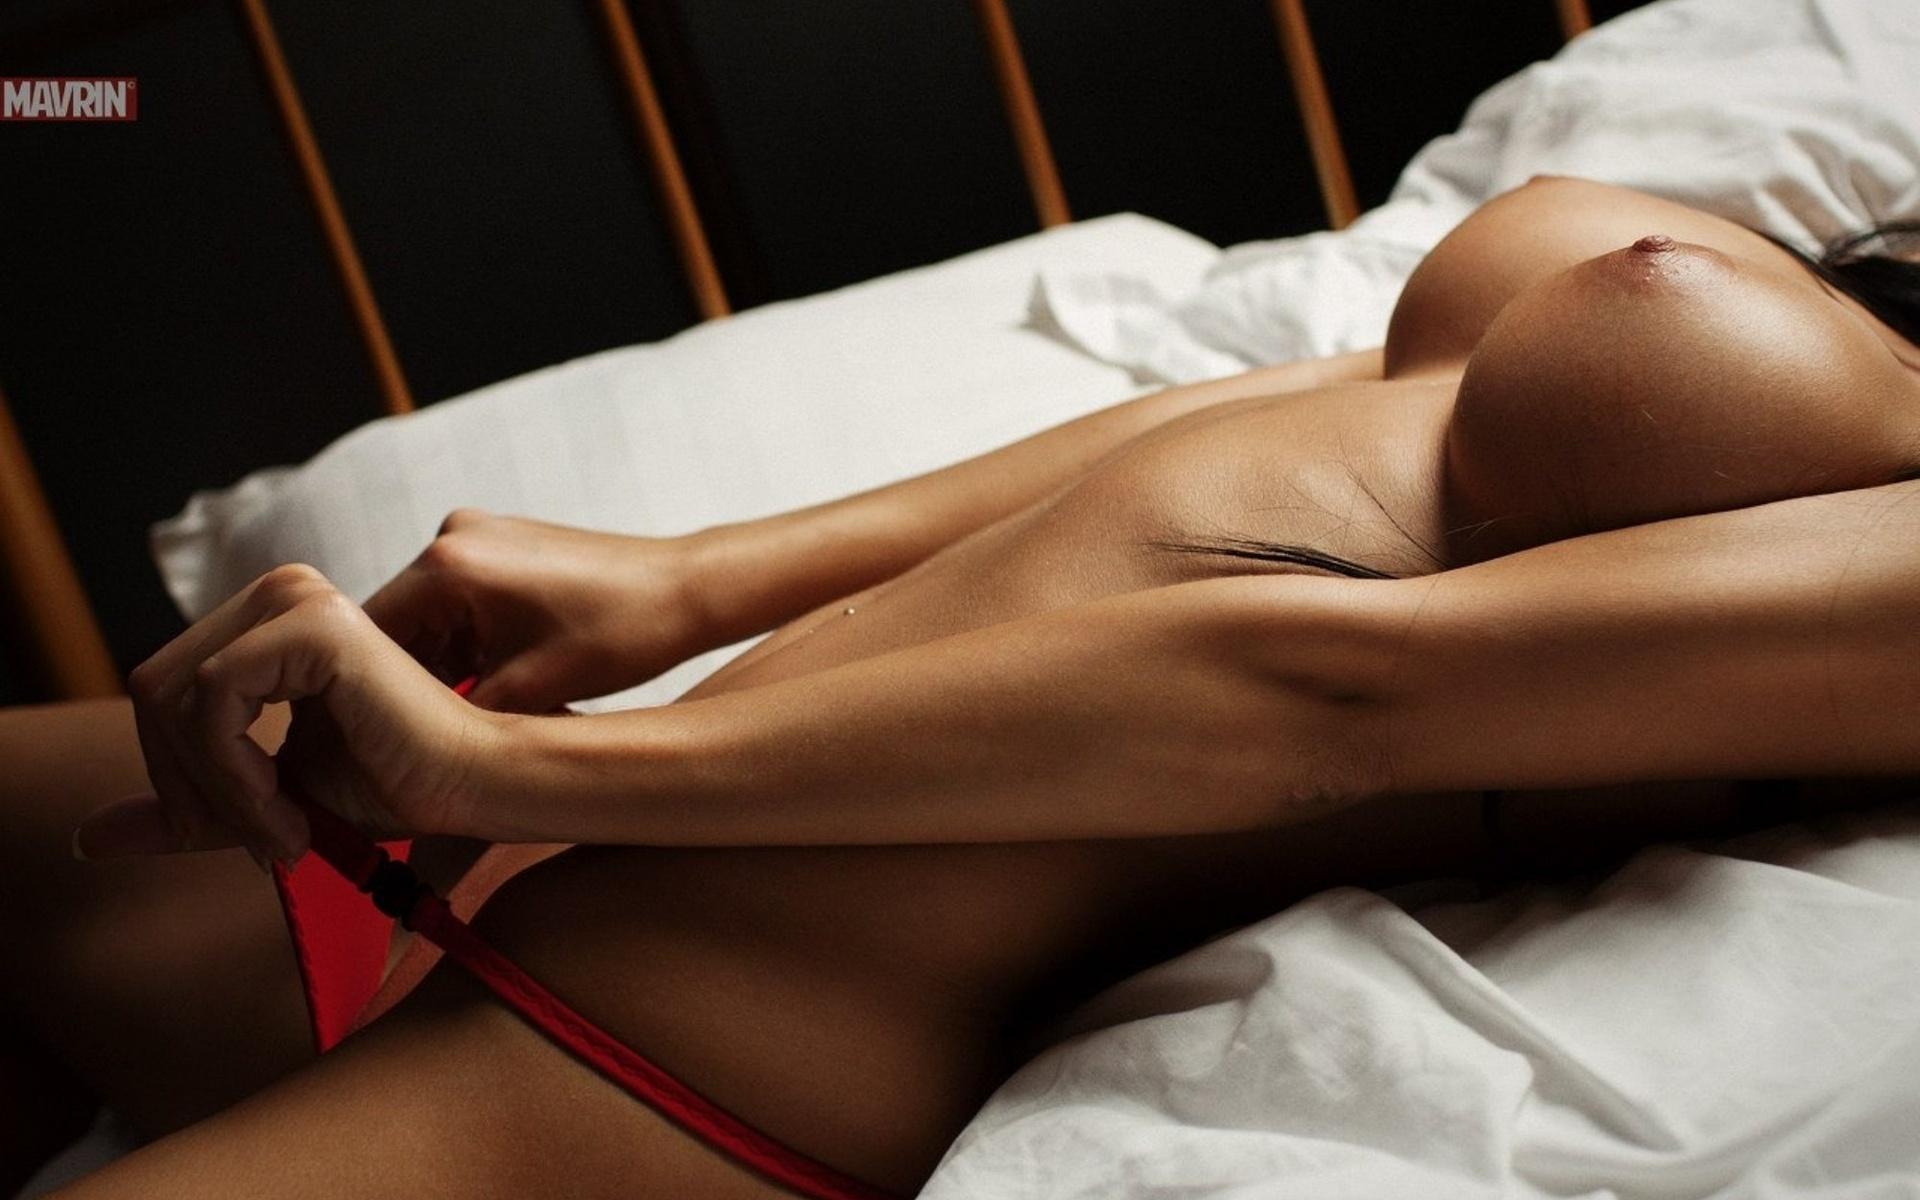 fotografii-samih-seksualnih-zhenskih-tel